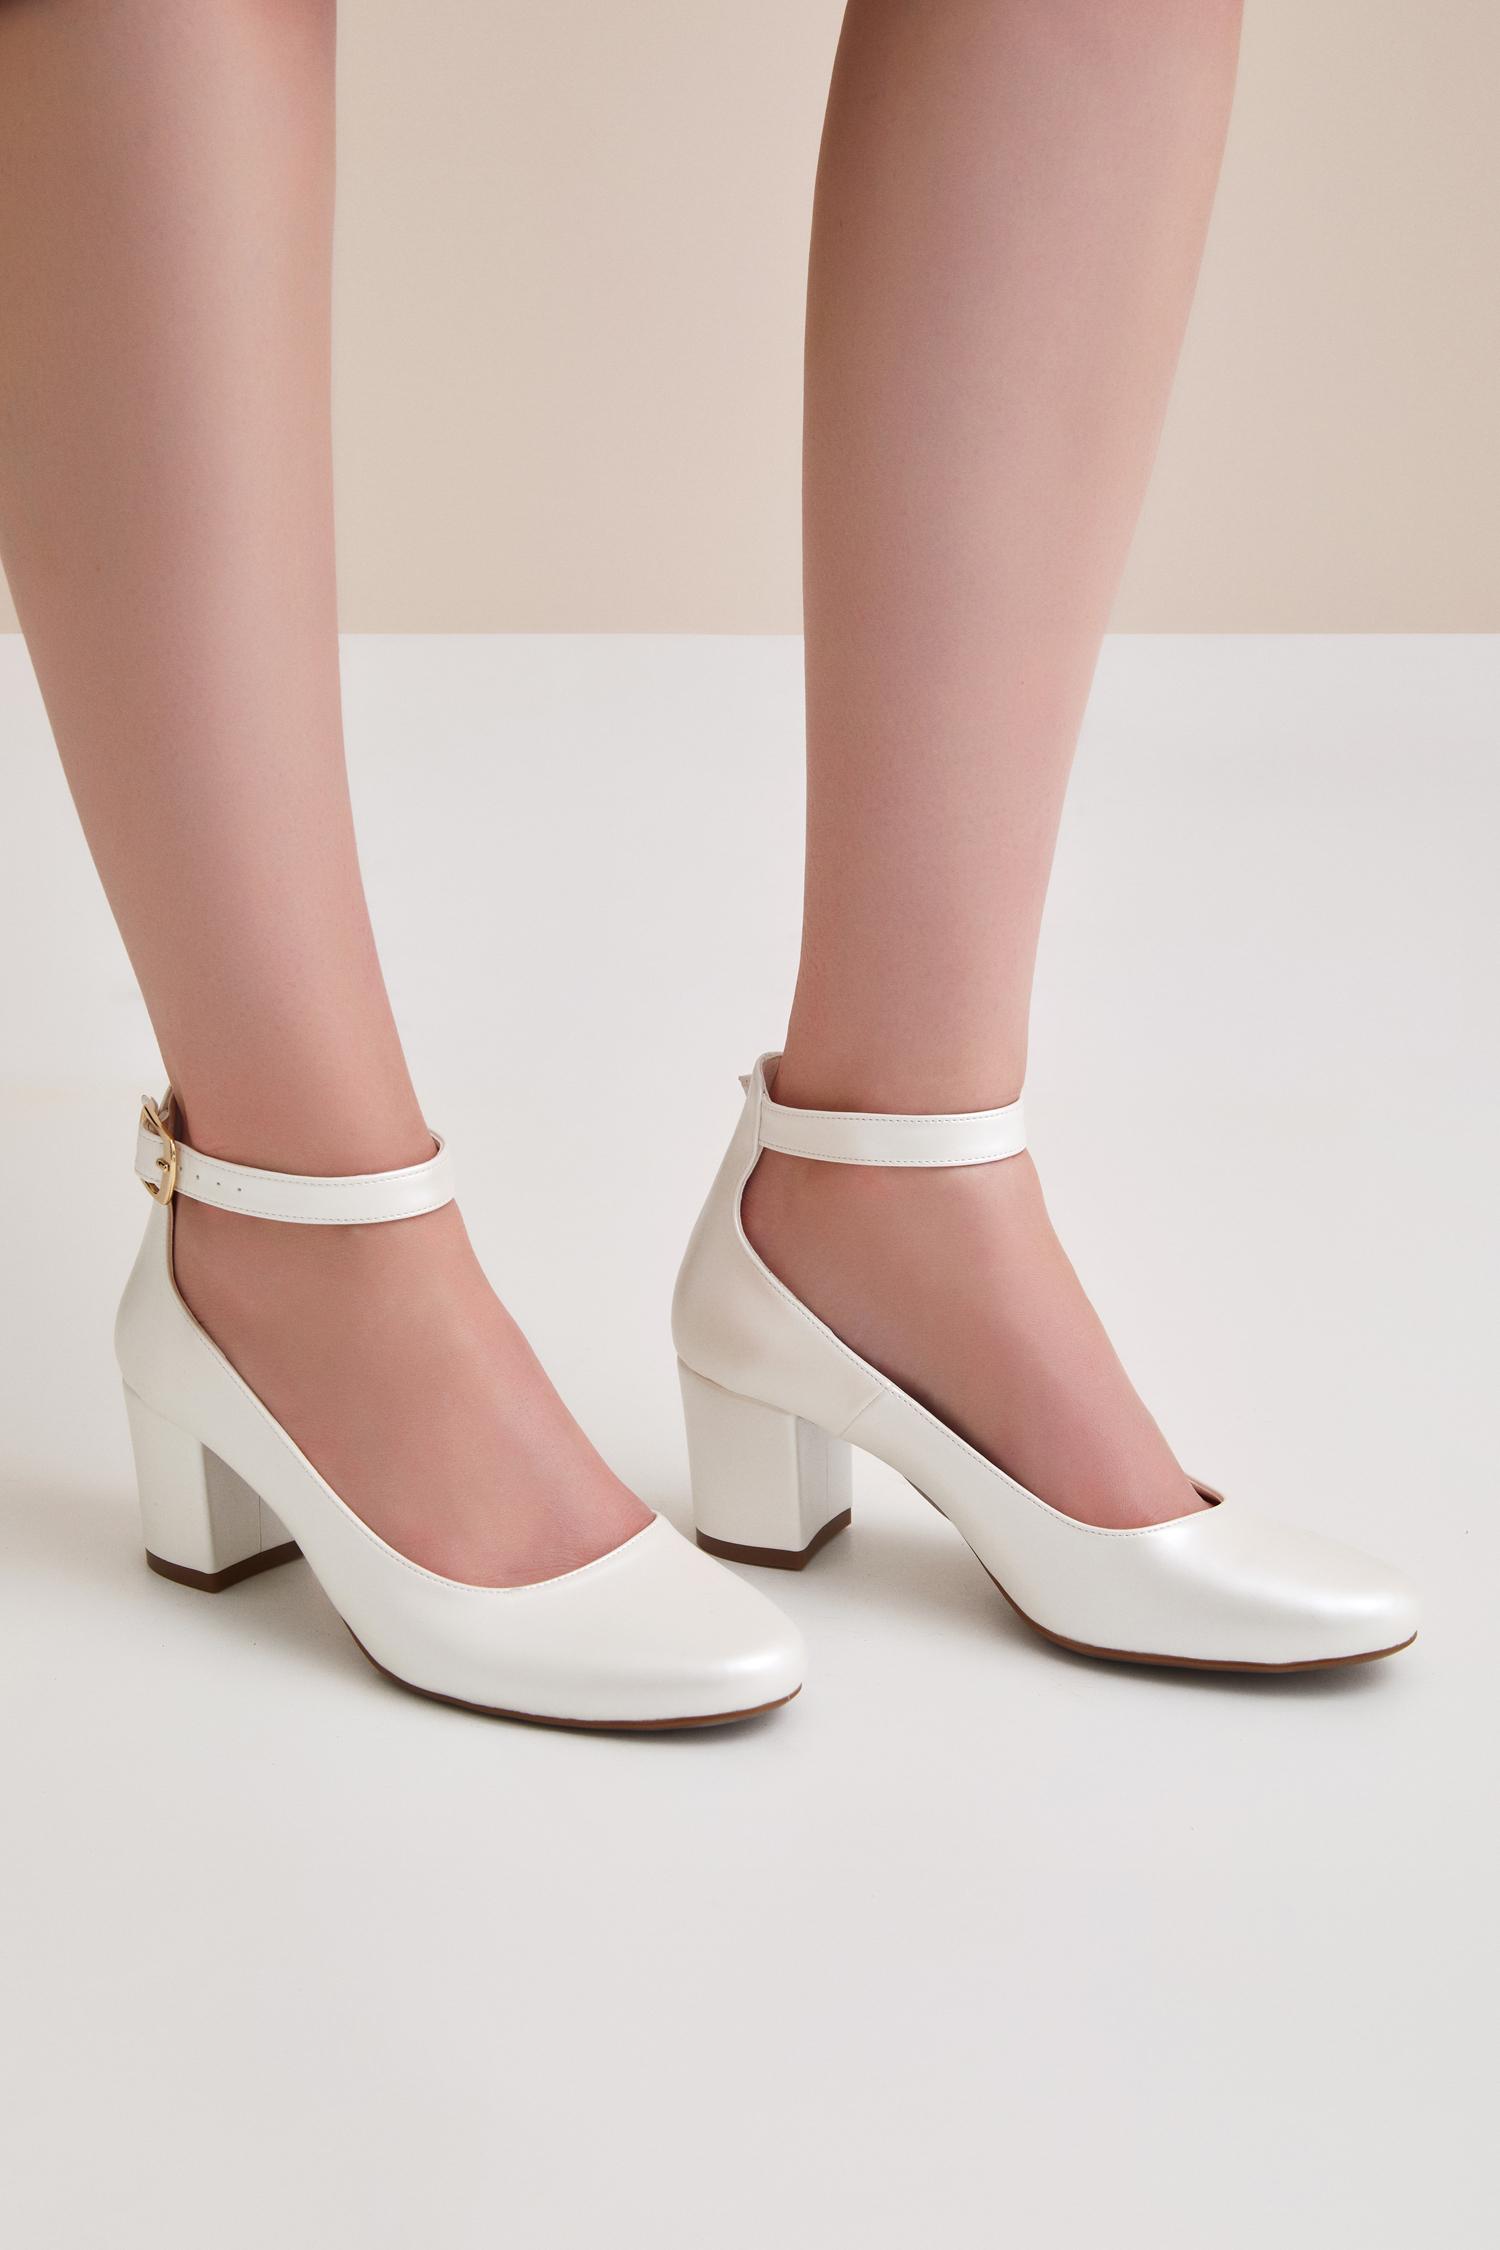 Bilekten Bağlı Orta Boy Topuklu Gelin Ayakkabısı